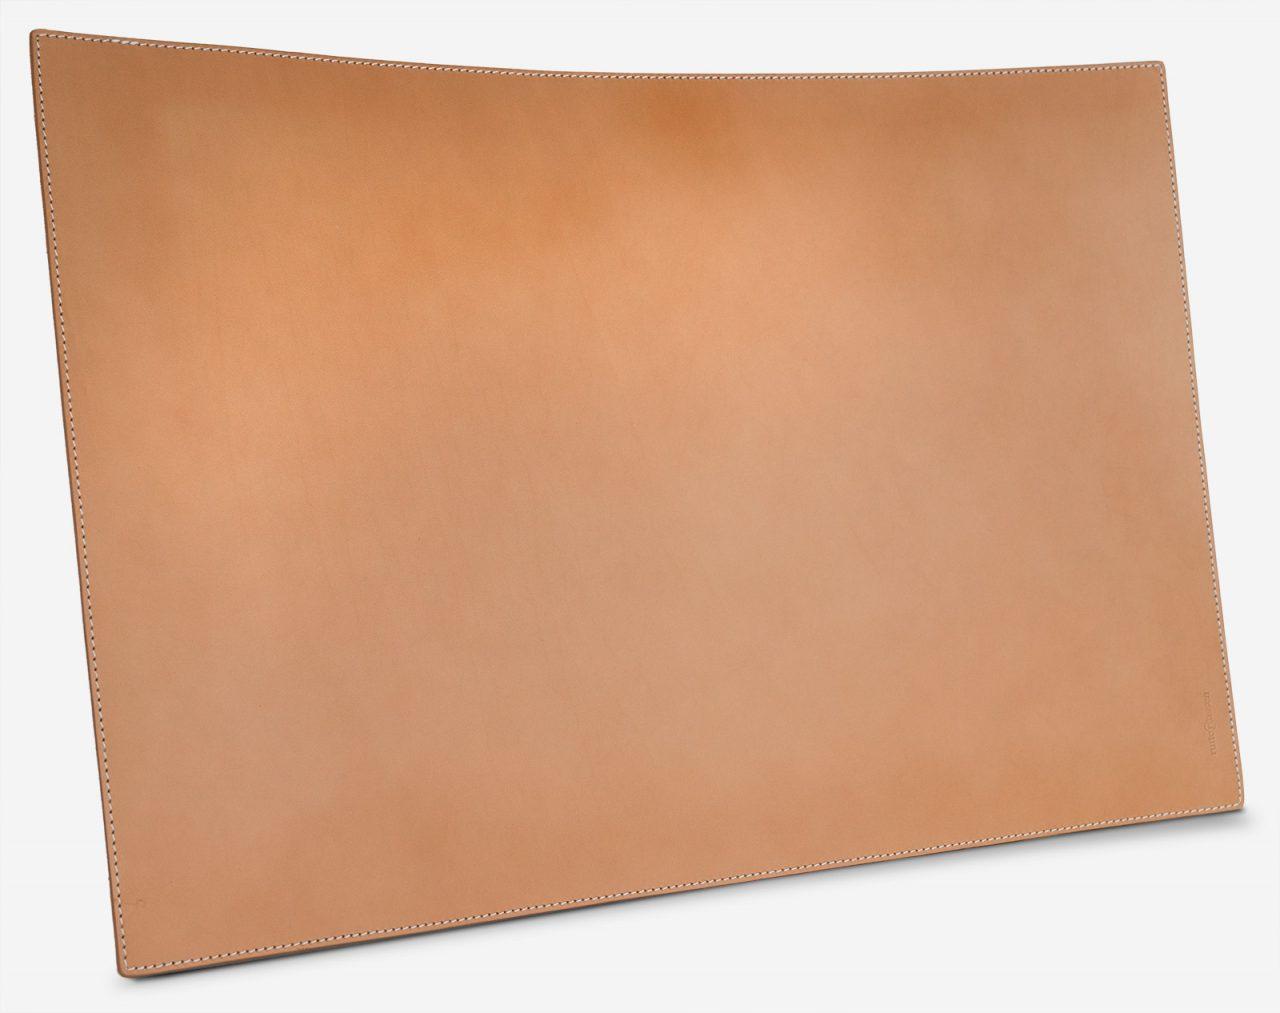 Sous-main en cuir beige.